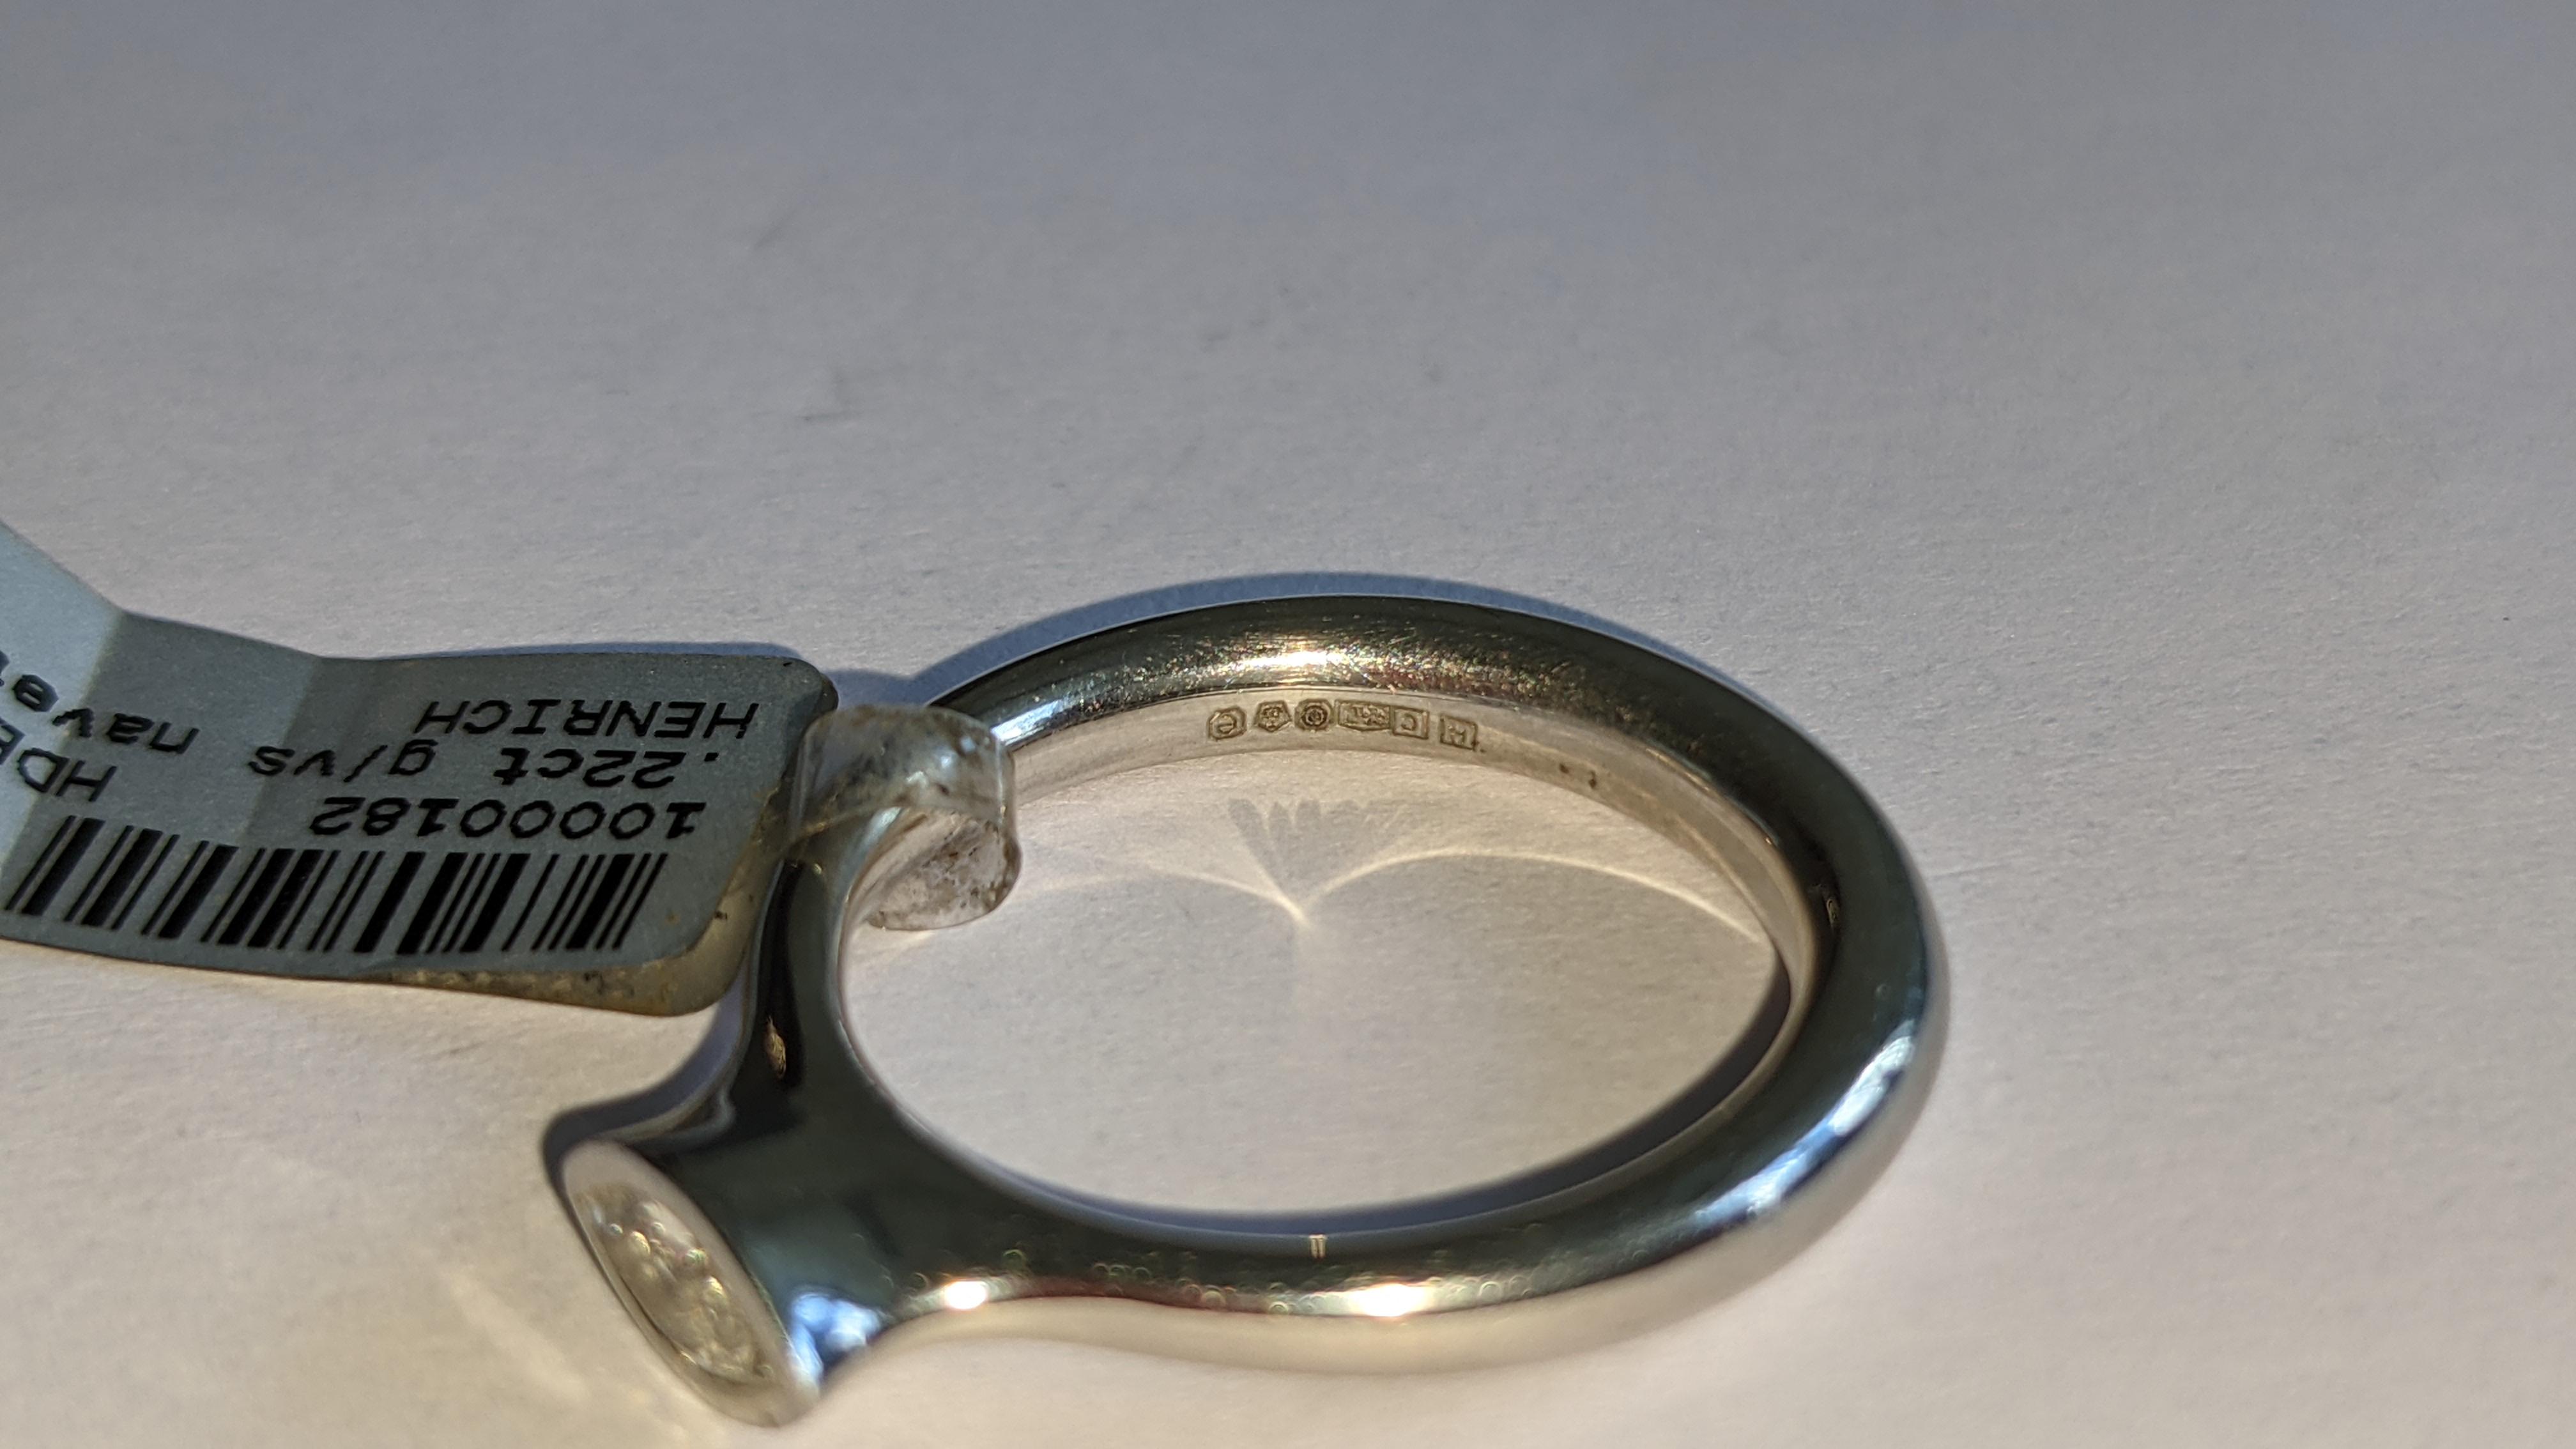 Platinum 950 & diamond ring with 0.22ct of G/VS diamond. RRP £2,502 - Image 9 of 14